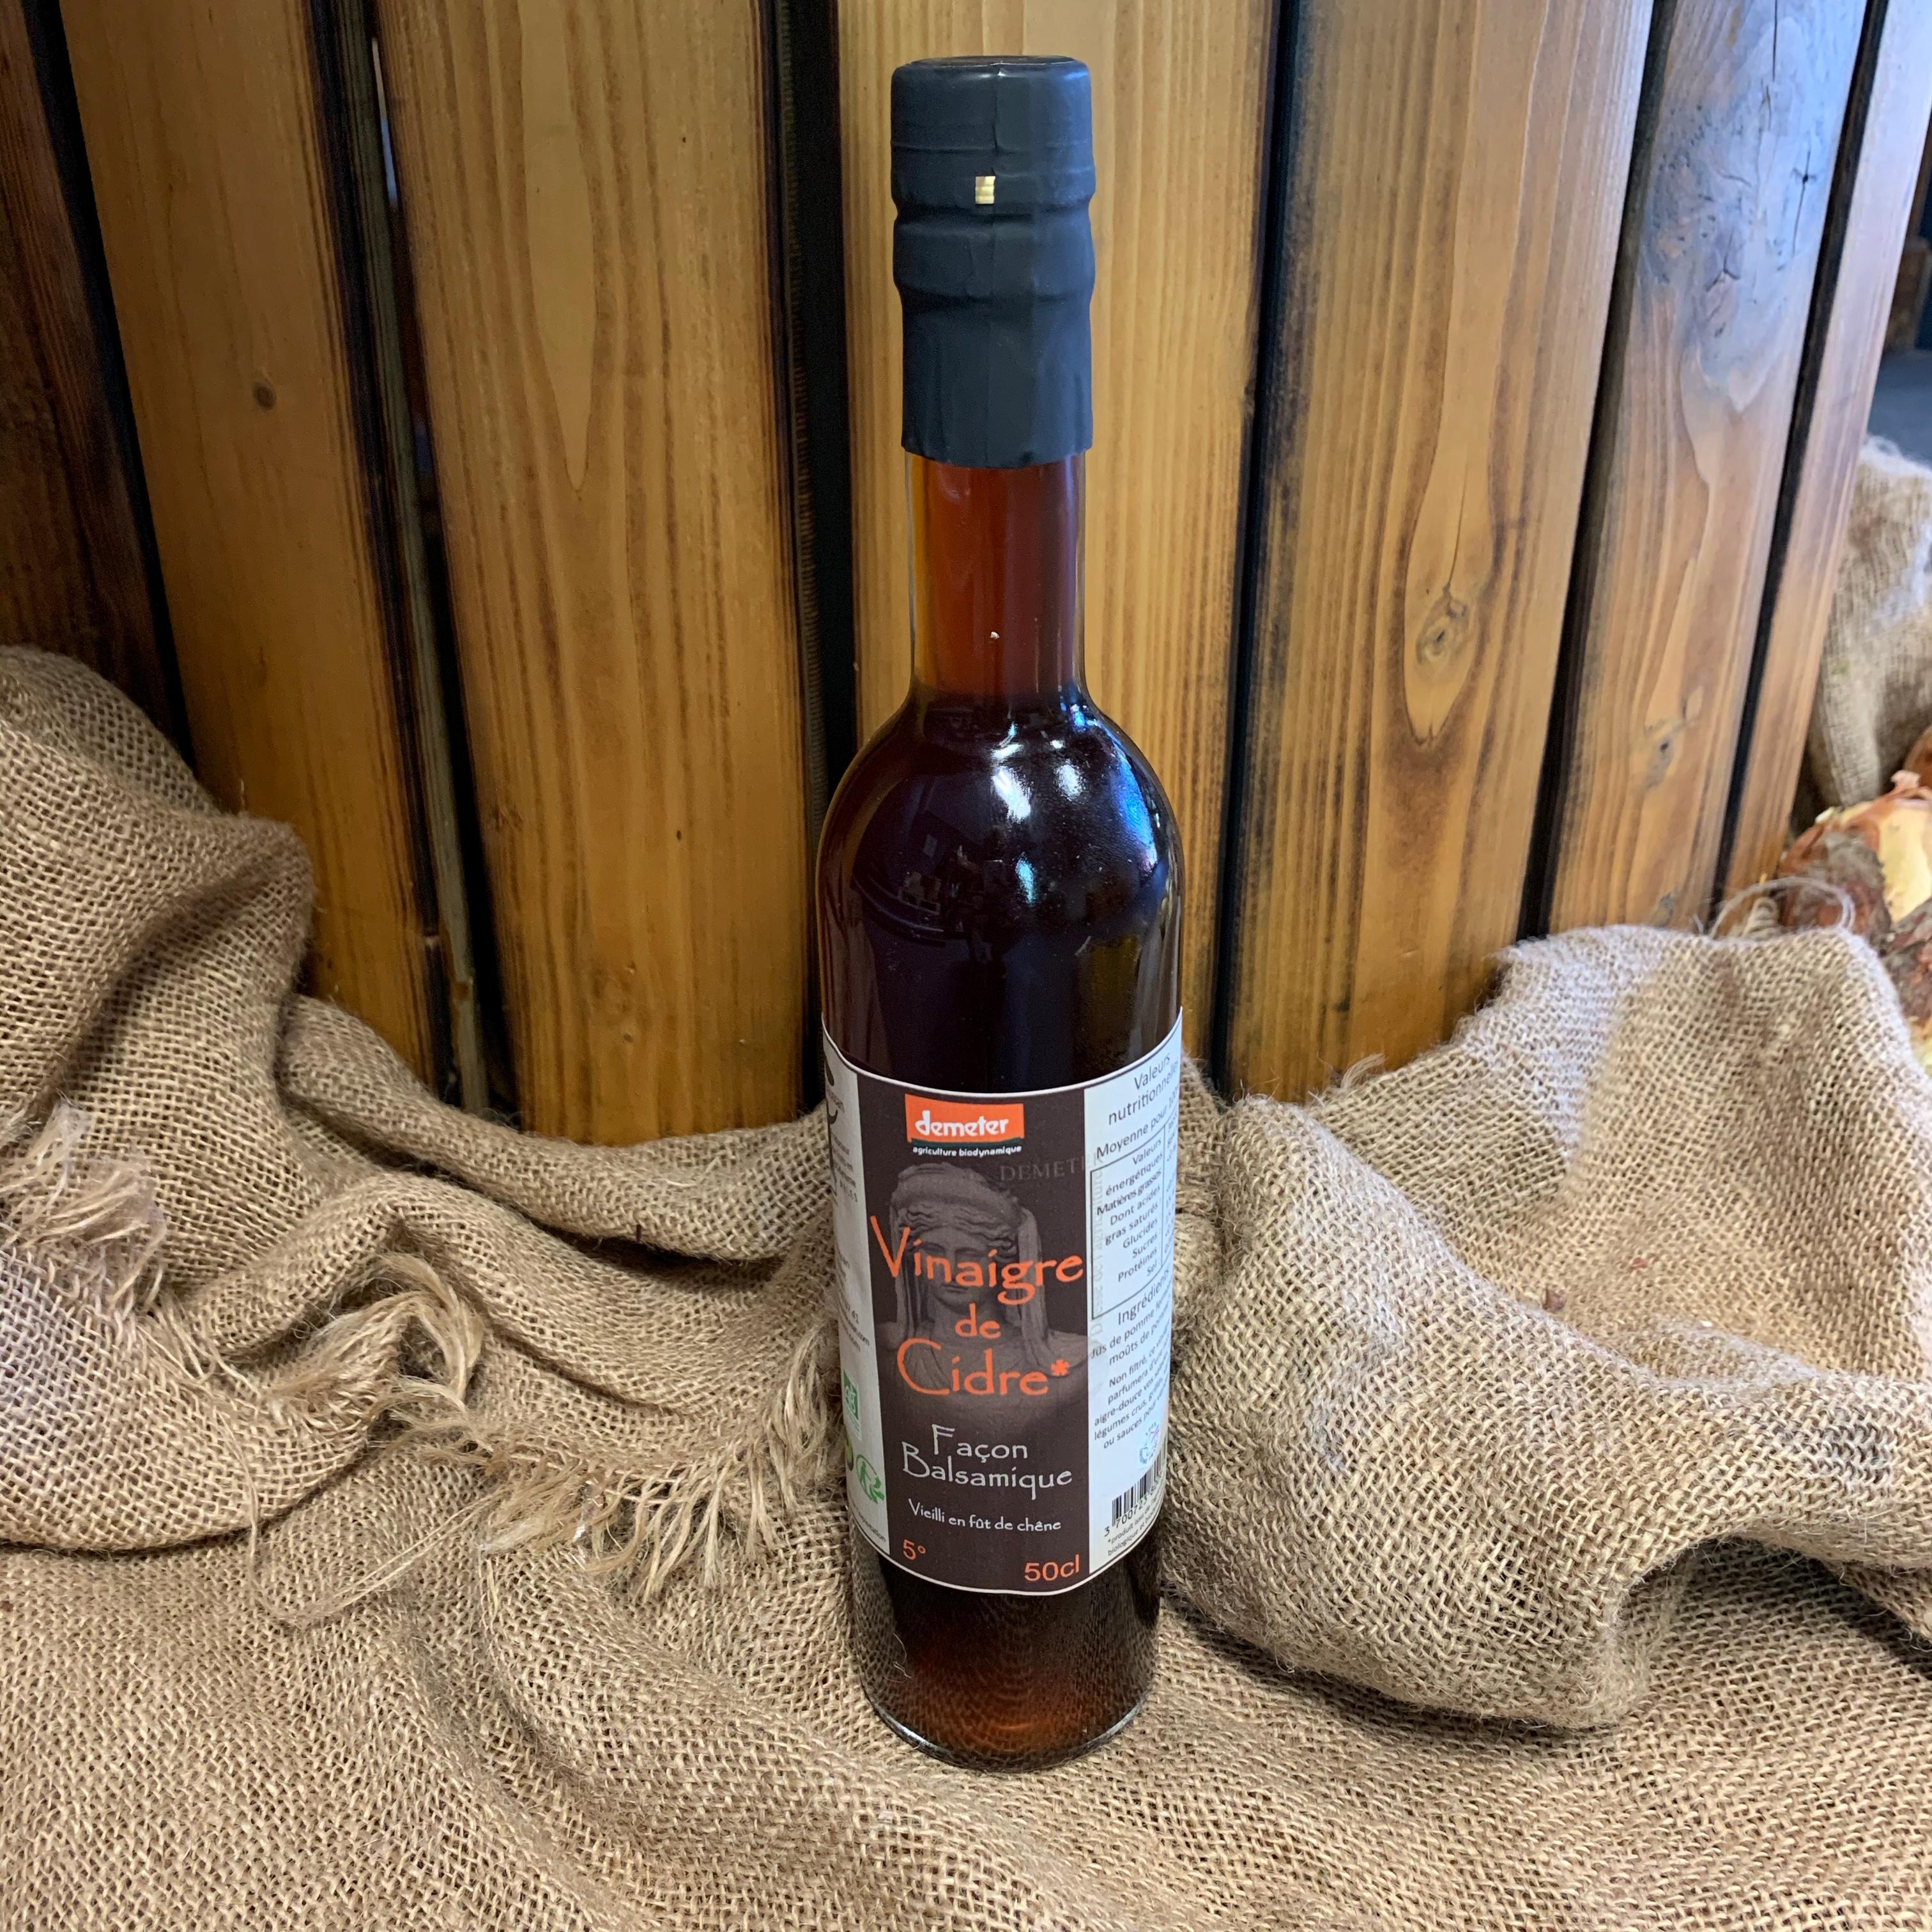 Vinaigre de cidre façon balsamique du Mas Daussan 50 cl (13)